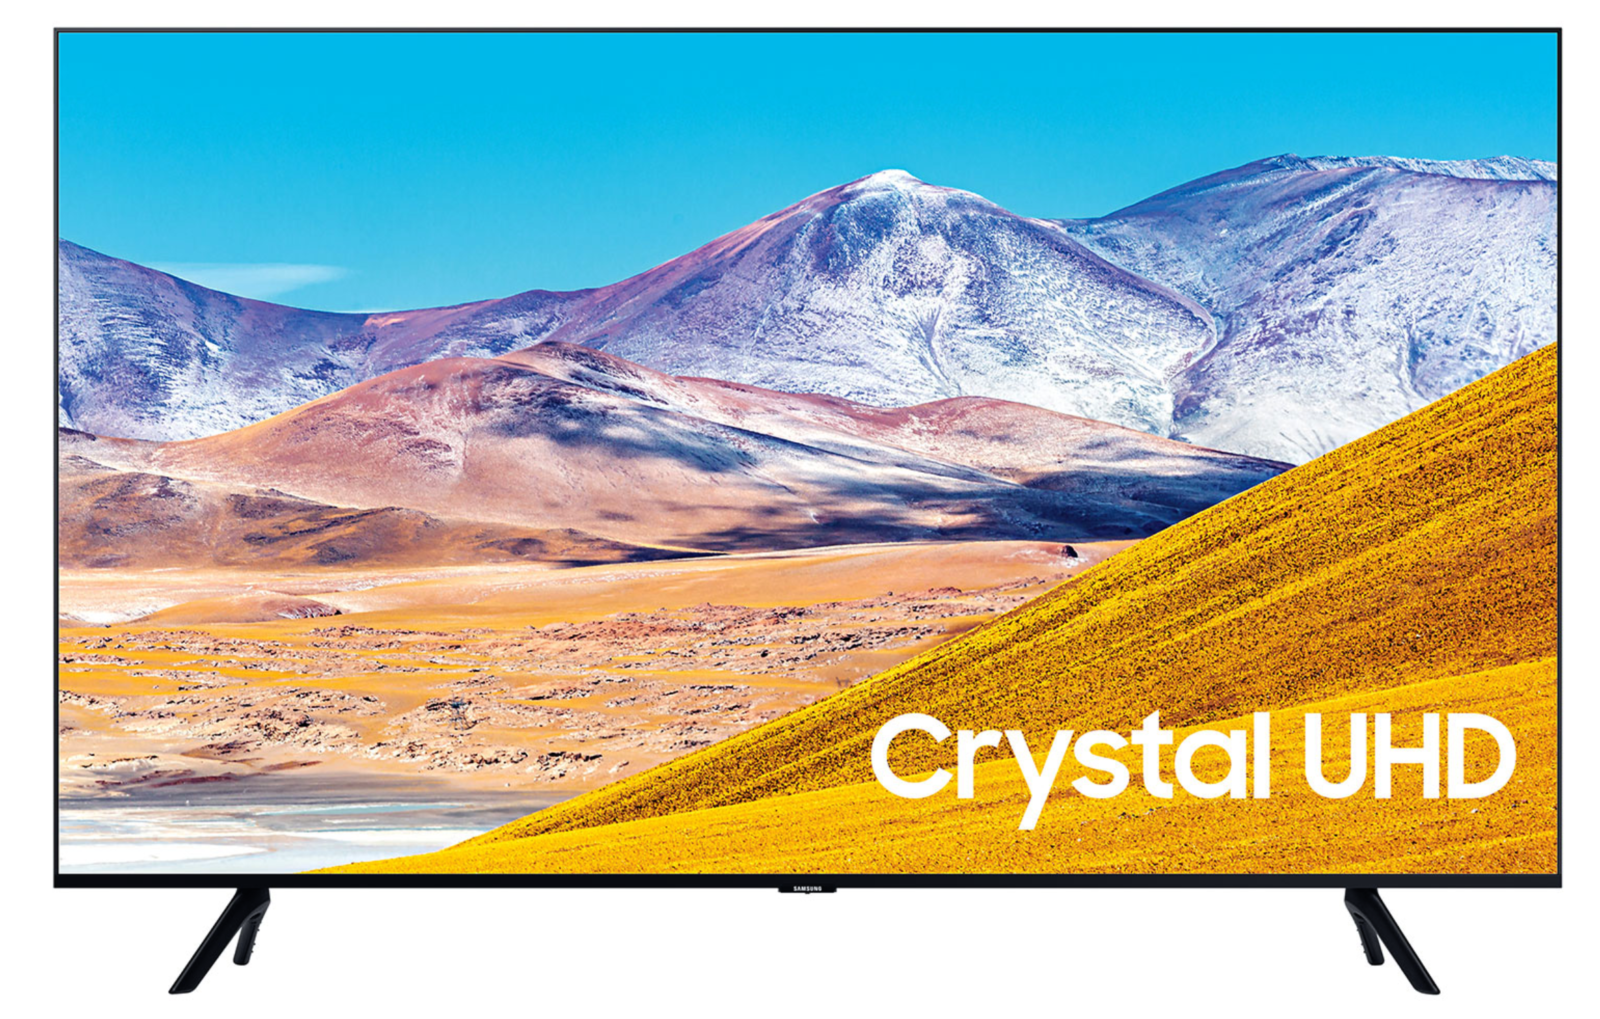 Samsung TU8500 led tv